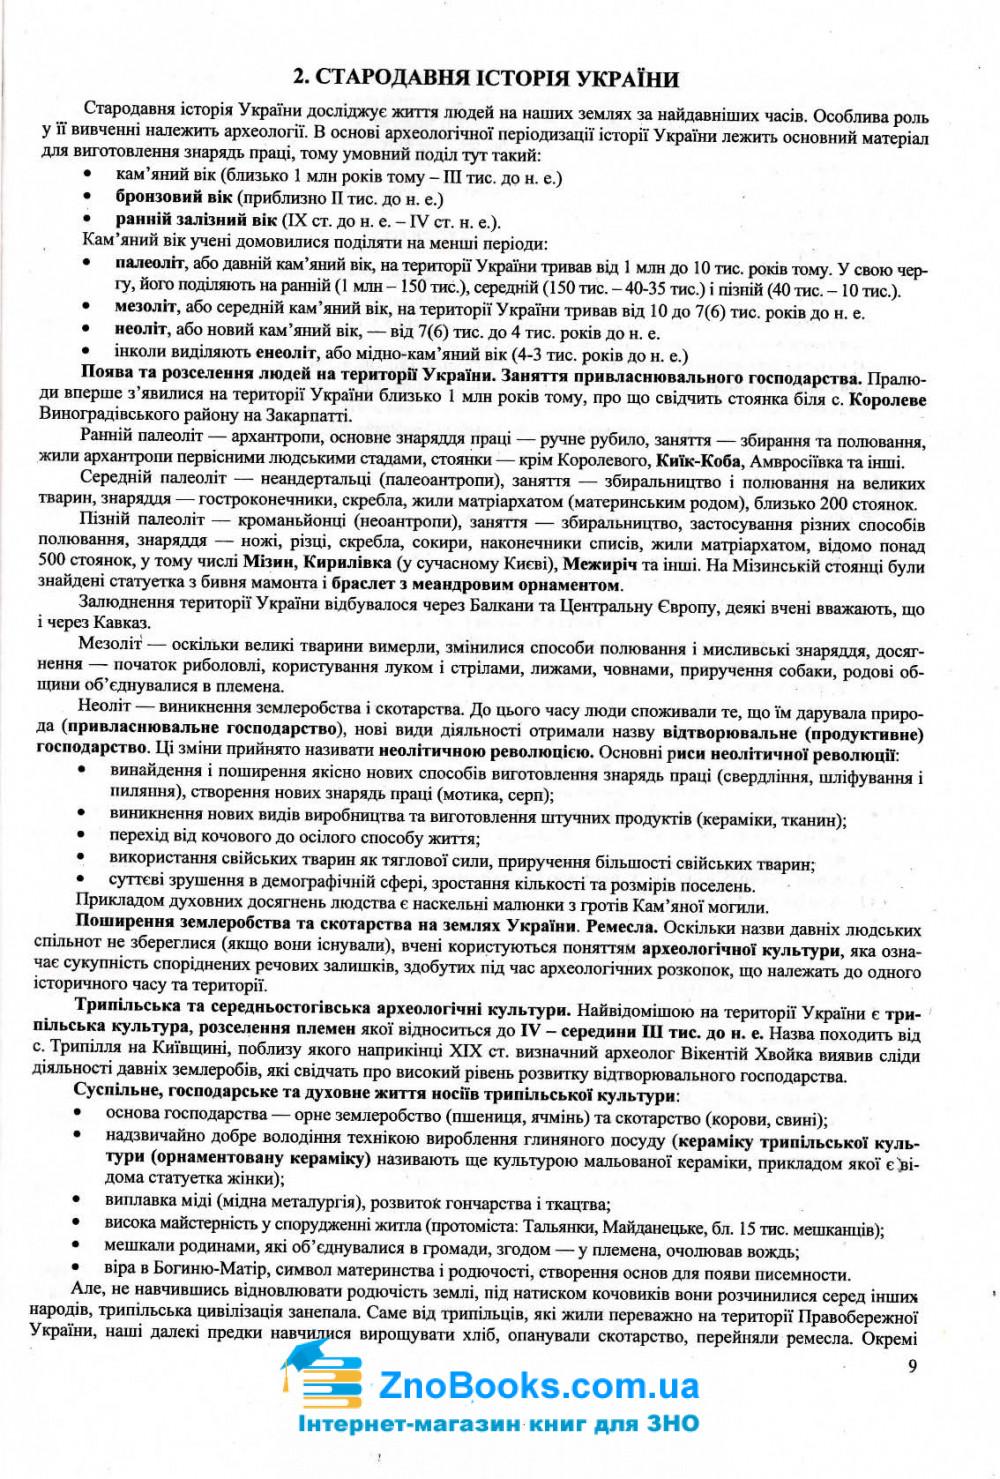 Історія України ЗНО 2021. Комплексне видання + Тренажер /КОМПЛЕКТ/ : Панчук І. Підручники і посібники. 6